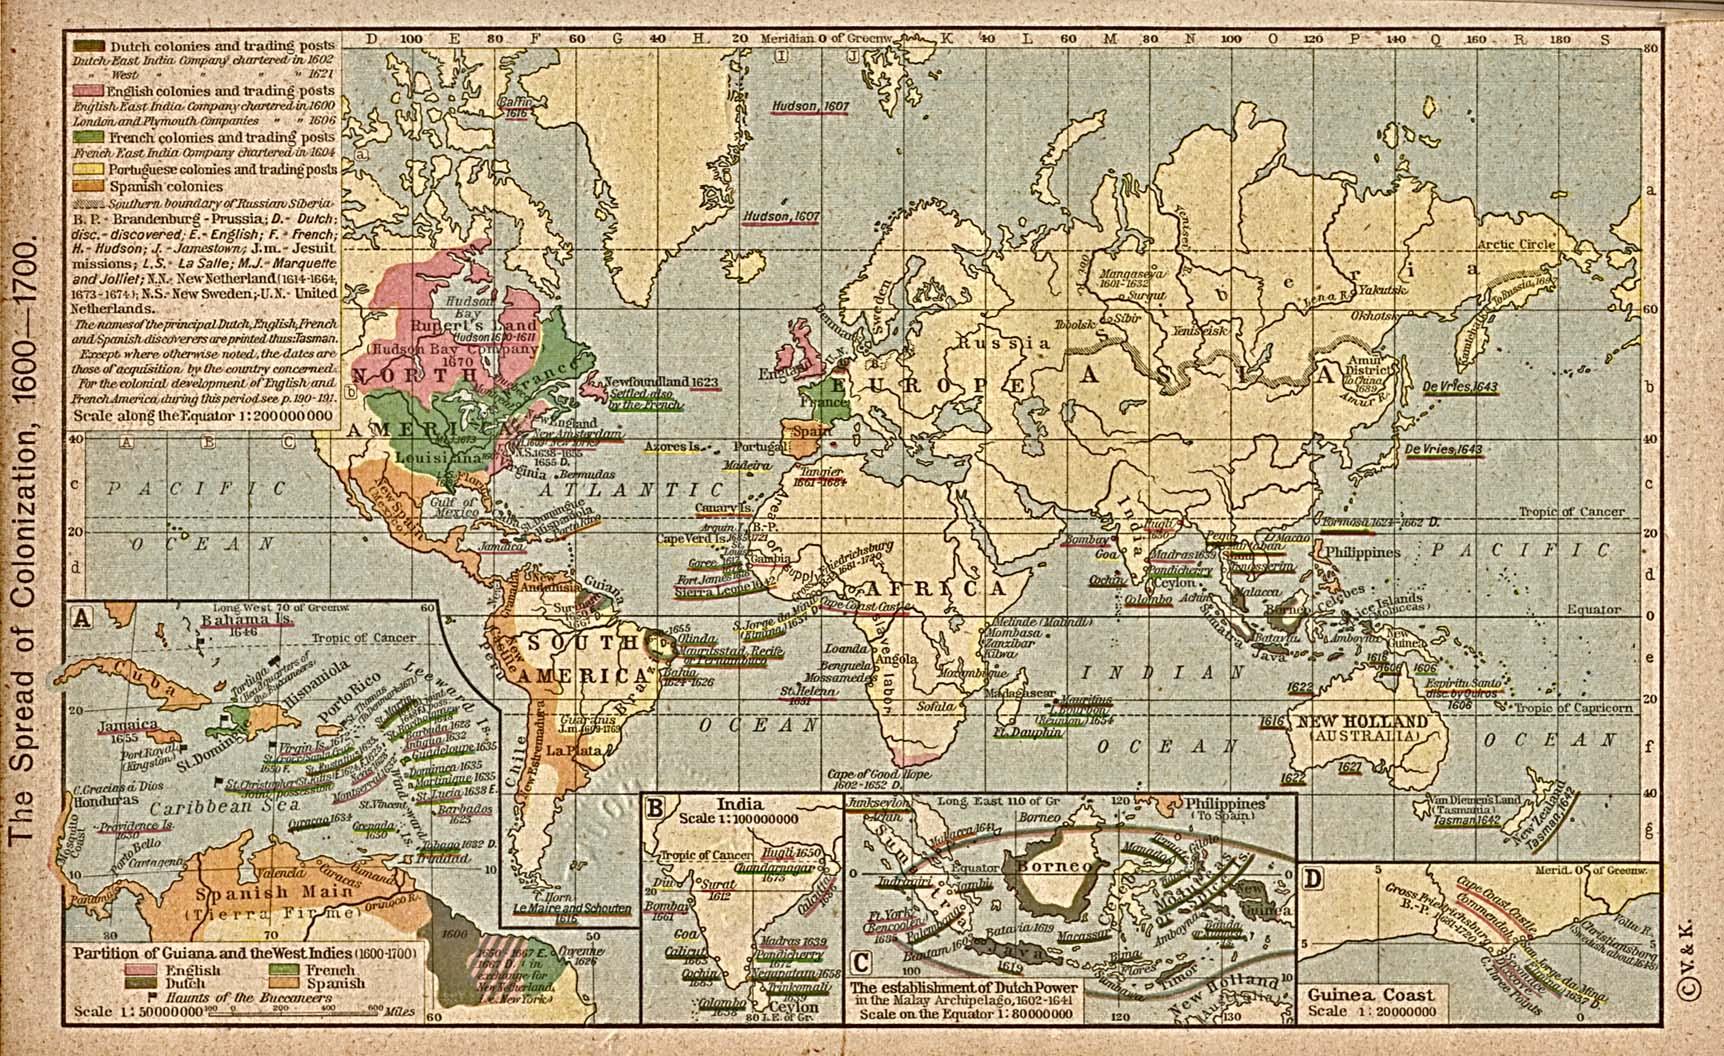 Progresión de la colonización en el Mundo 1600-1700